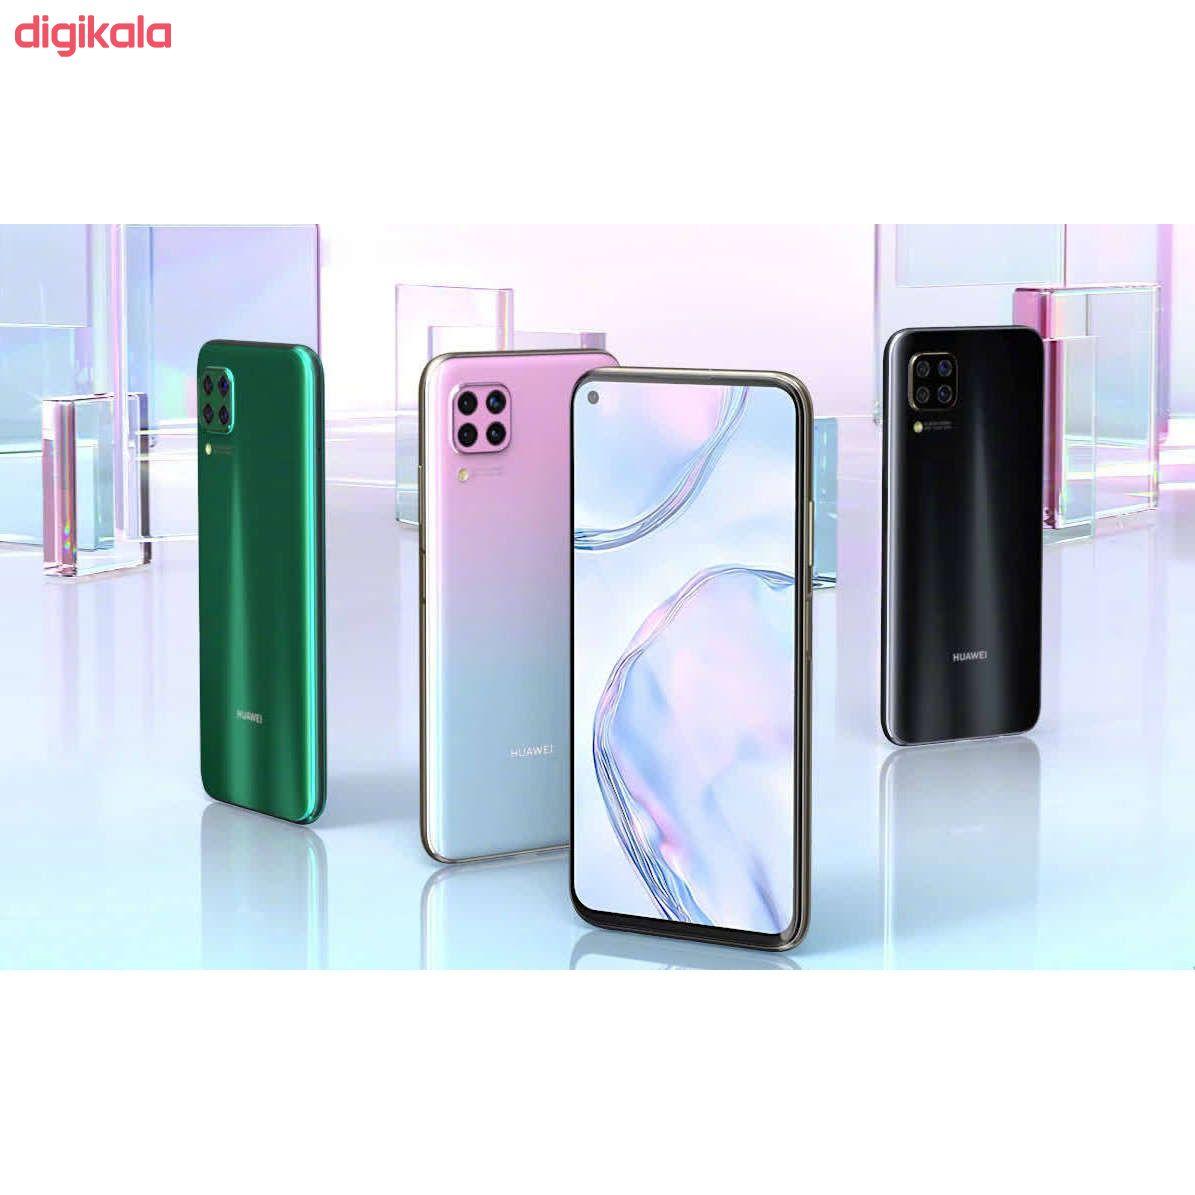 گوشی موبایل هوآوی مدل Nova 7i JNY-LX1 دو سیم کارت ظرفیت 128 گیگابایت main 1 33